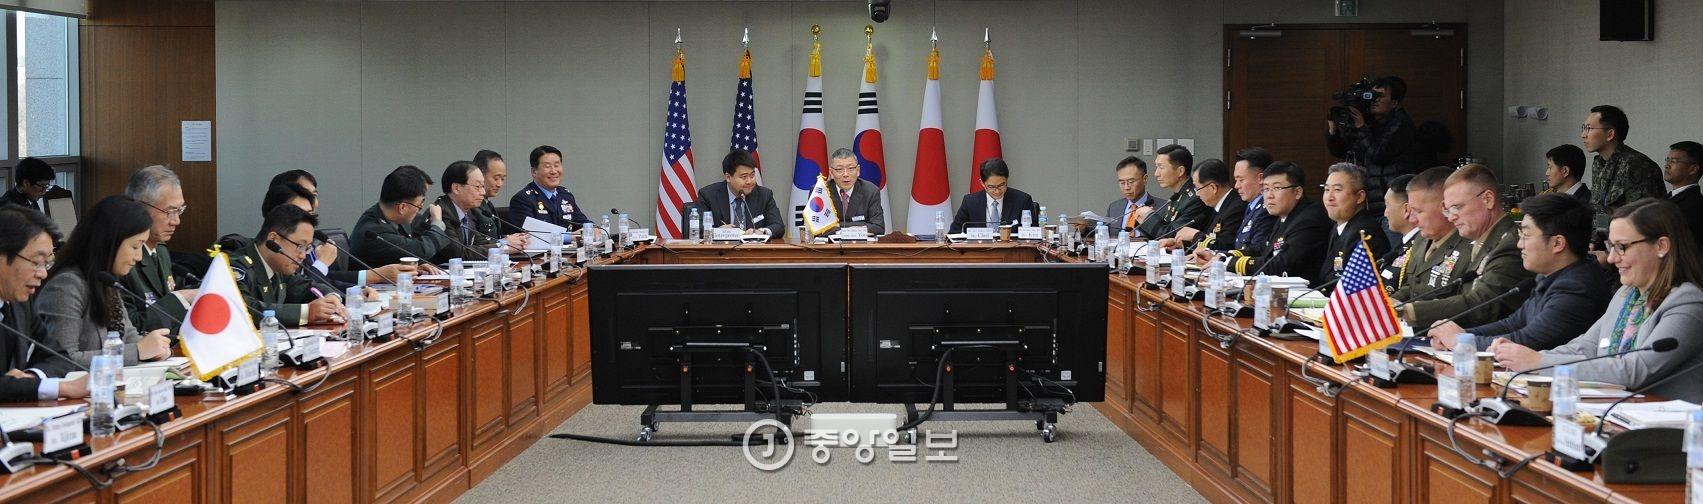 한국과 미국, 일본 국방 당국자들이 16일 서울 국방부 청사에서 8차 한미일 안보회의(DTT)를 열어 국방 현안을 논의하고 있다. [사진 국방부]